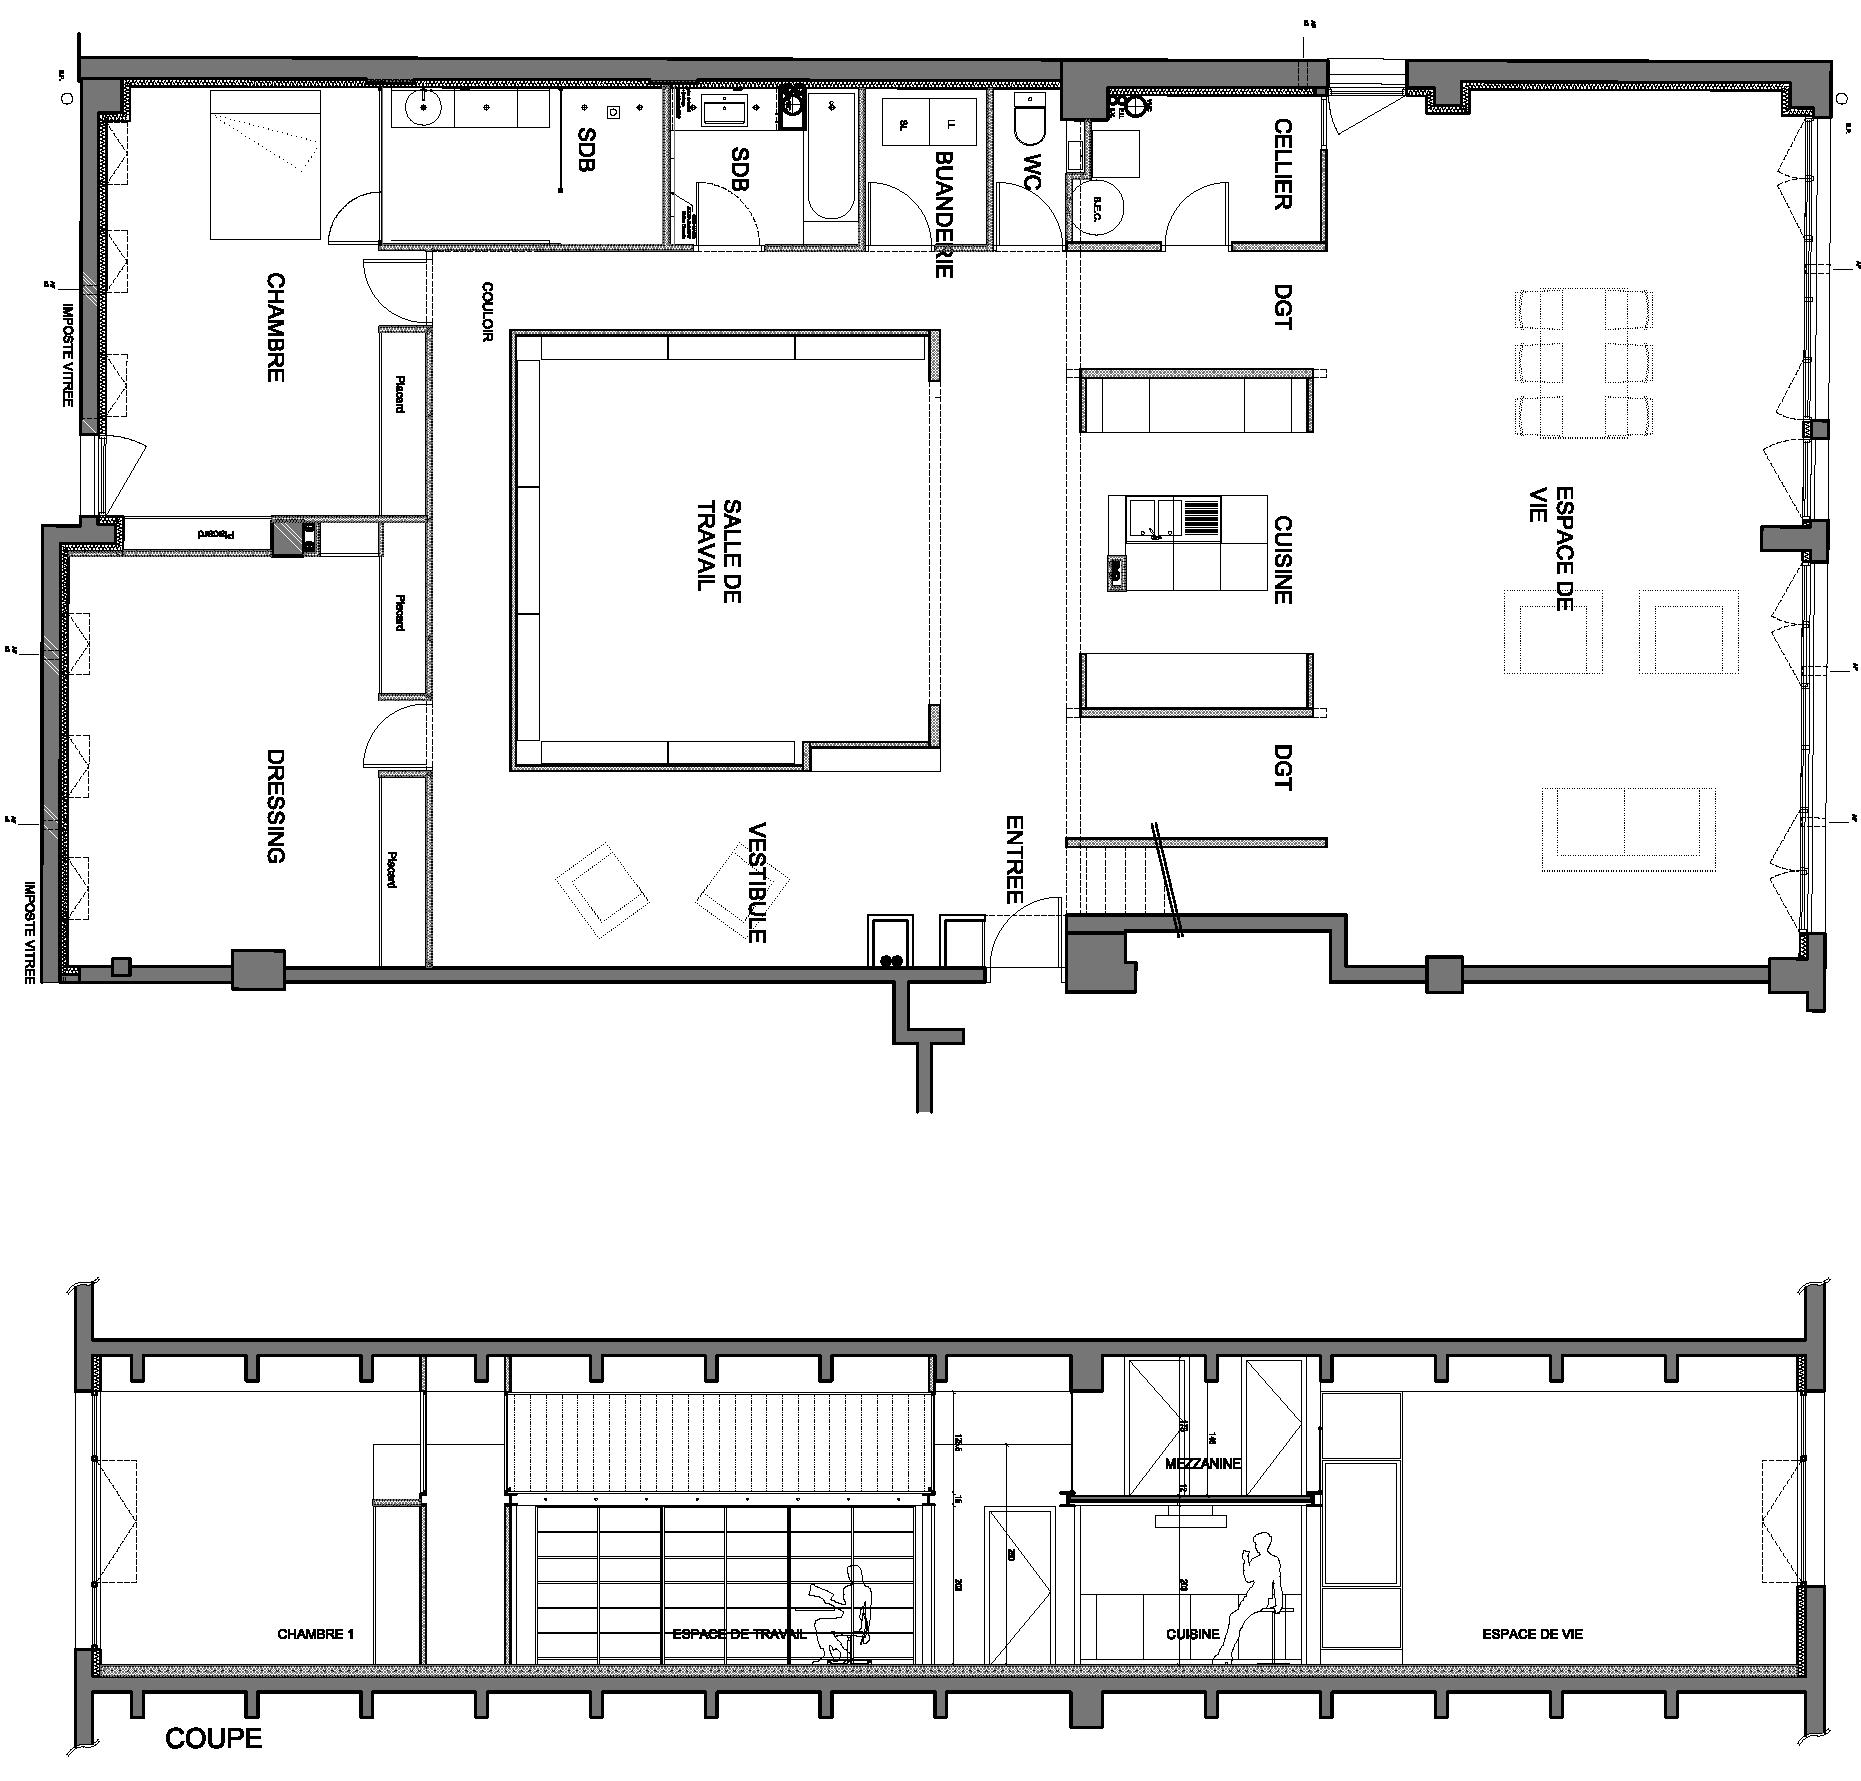 Loftparis xix fendler seemuller architectes for Isoler phoniquement une piece